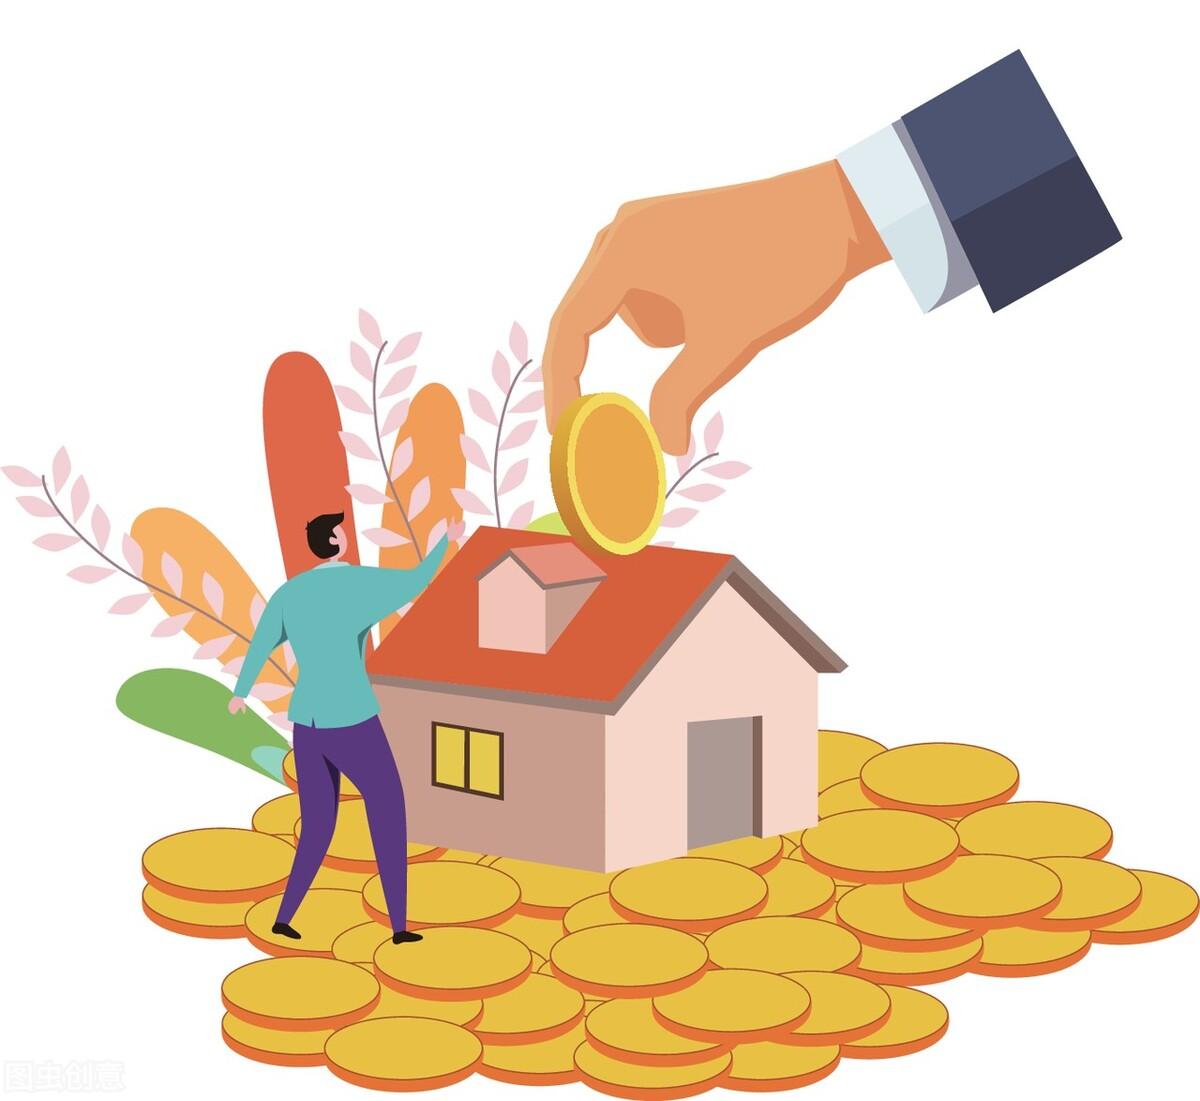 都在说公积金贷款买房,你对公积金贷款了解多少?